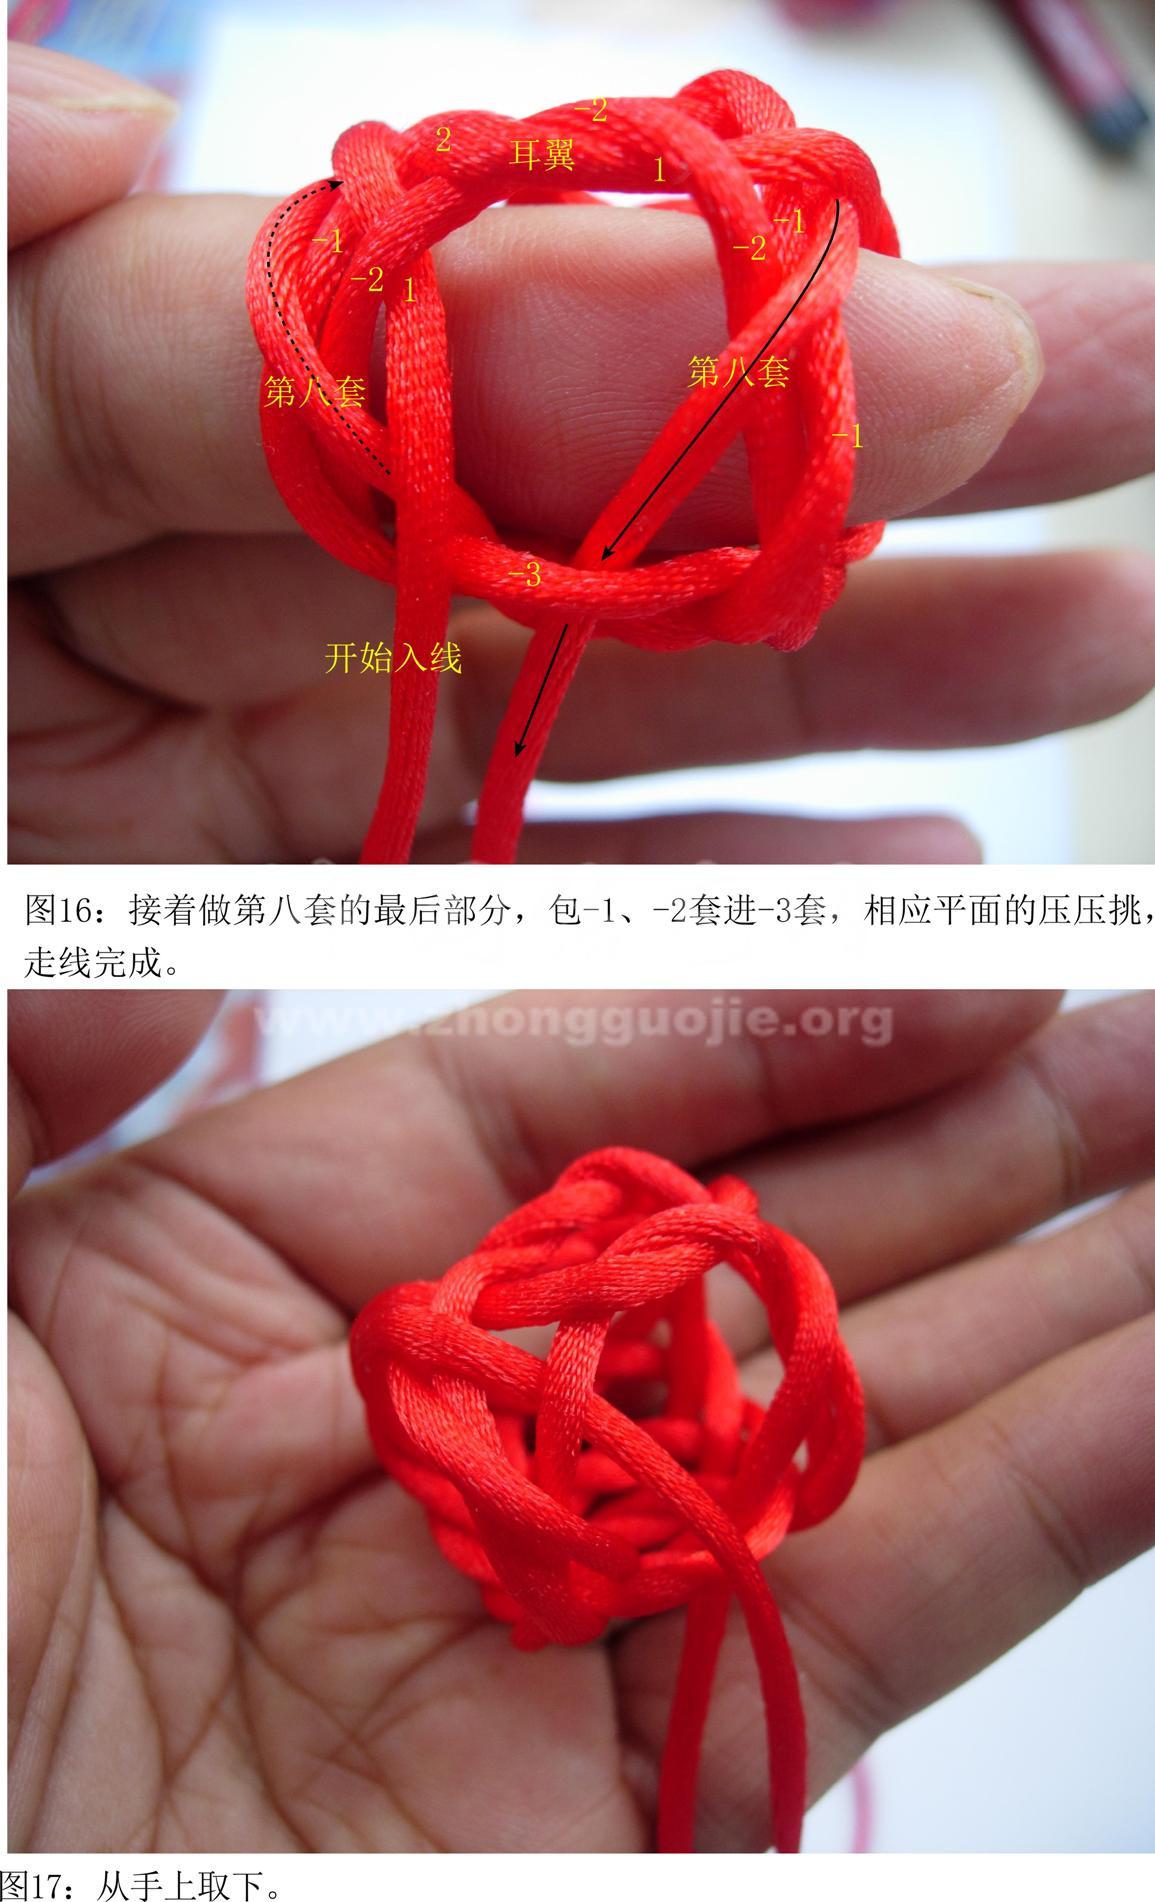 中国结论坛 8套1-2星辰结徒手编结过程  丑丑徒手编结 123515zf9s3yqfzmpqeyum